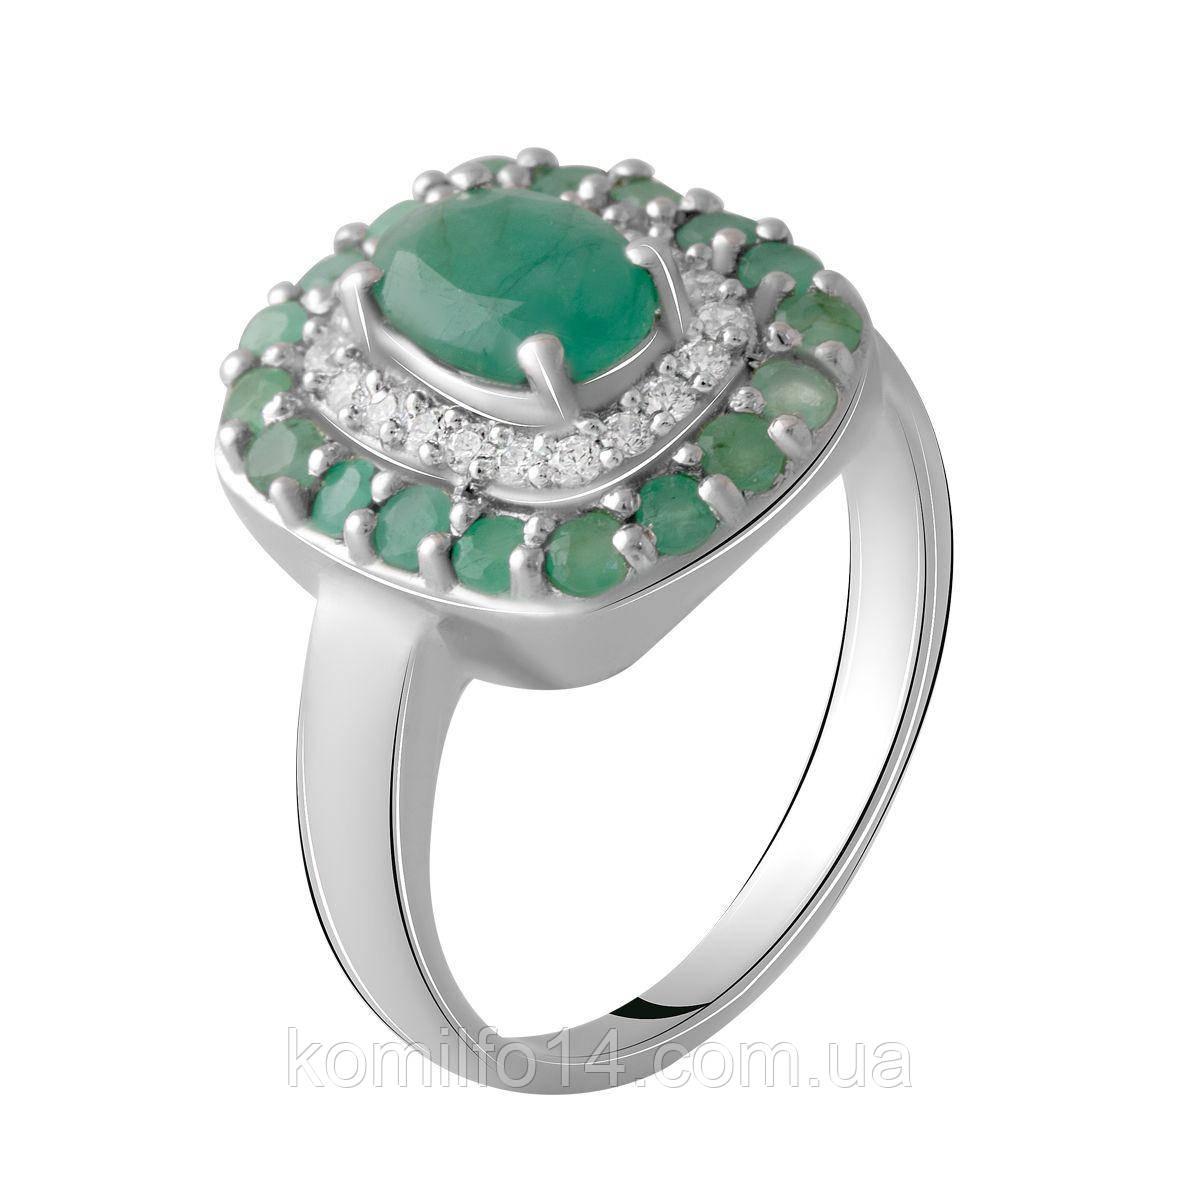 Серебряное кольцо с натуральным изумрудом р17